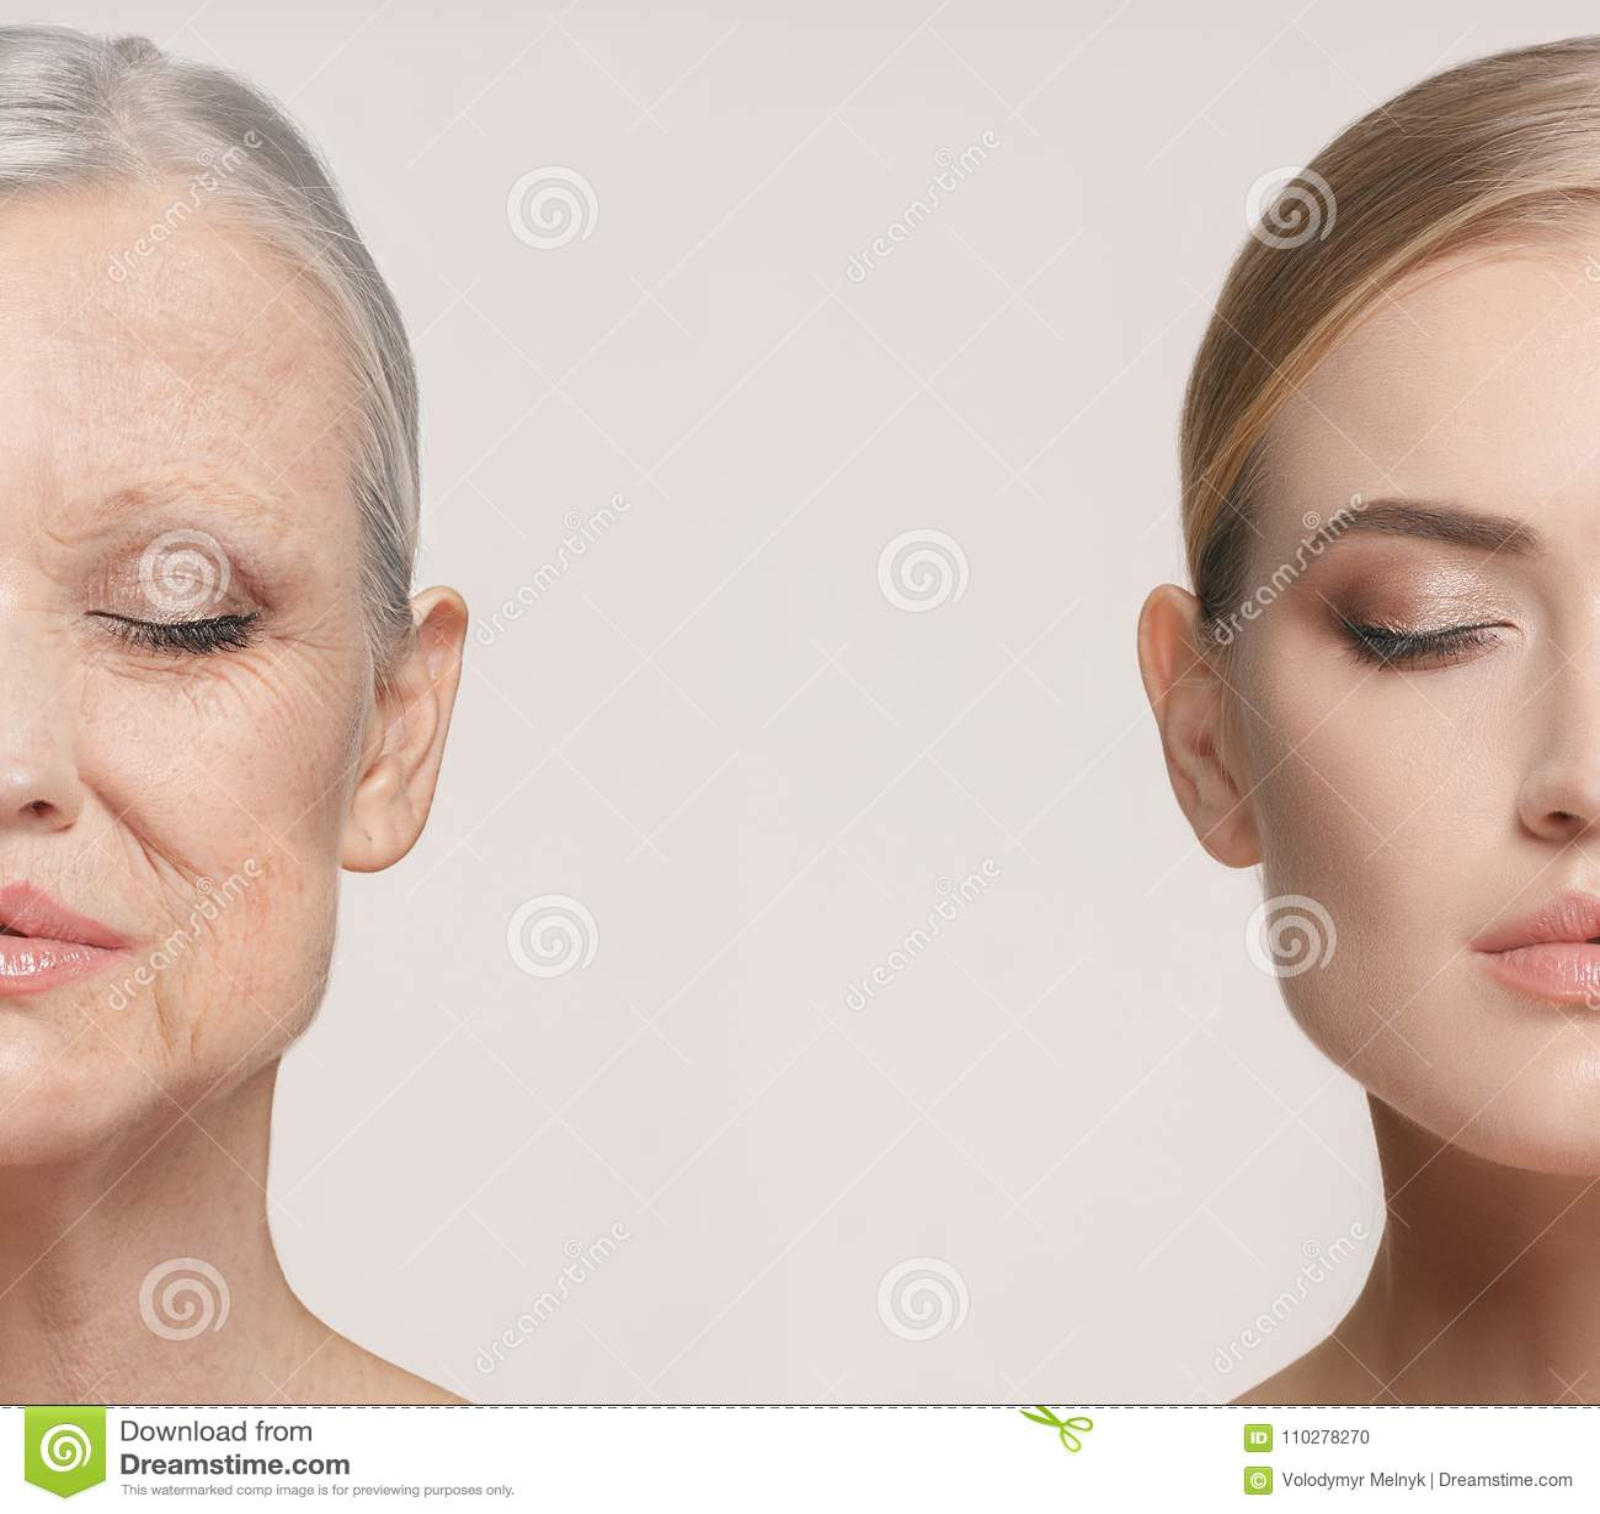 σύγκριση Πορτρέτο της όμορφης γυναίκας με το πρόβλημα και την καθαρή έννοια δερμάτων, γήρανσης και νεολαίας, επεξεργασία ομορφιάς